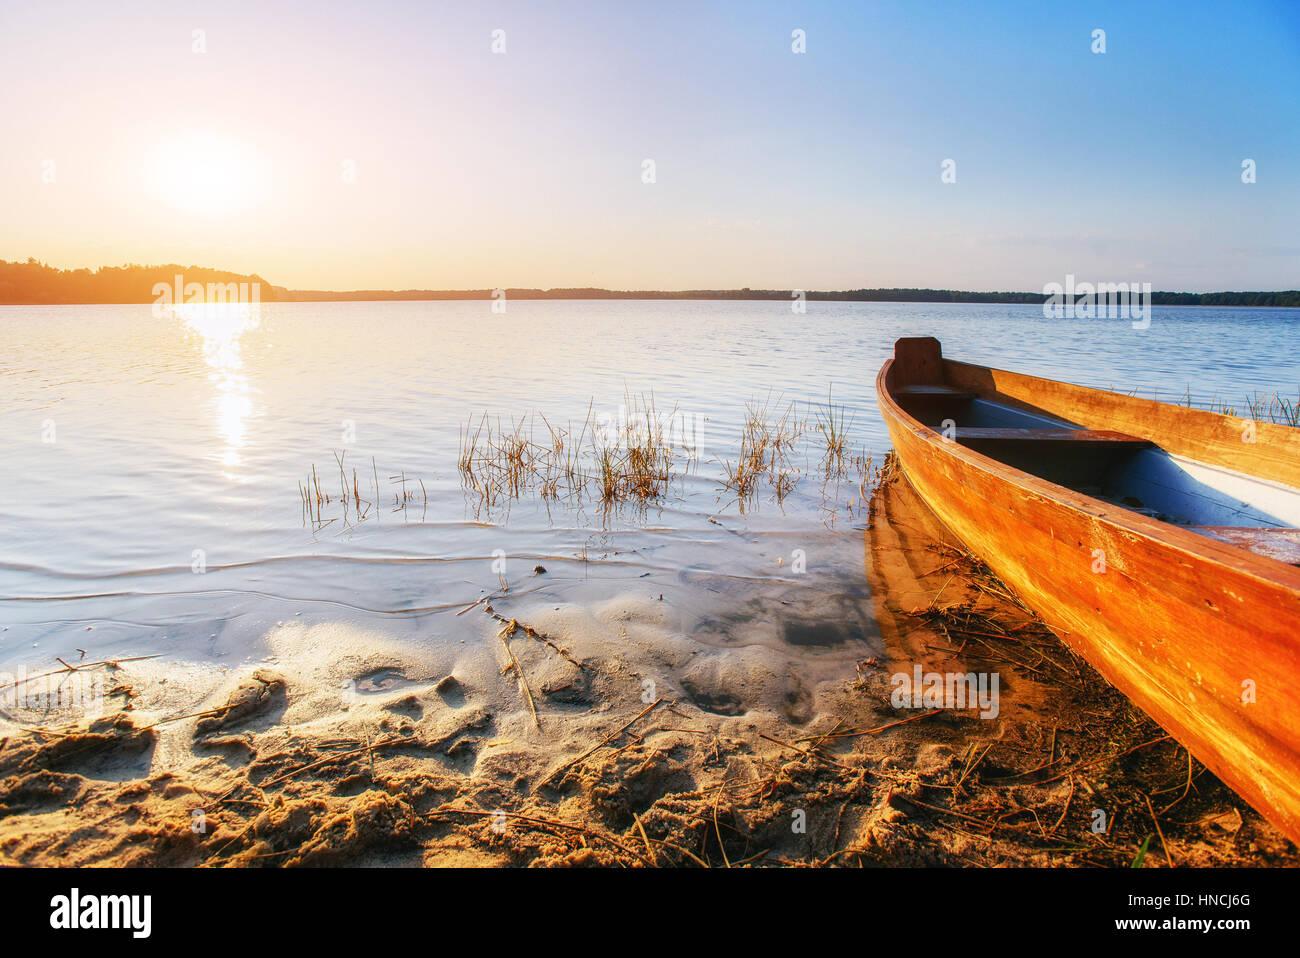 Barca sul lago al tramonto Immagini Stock